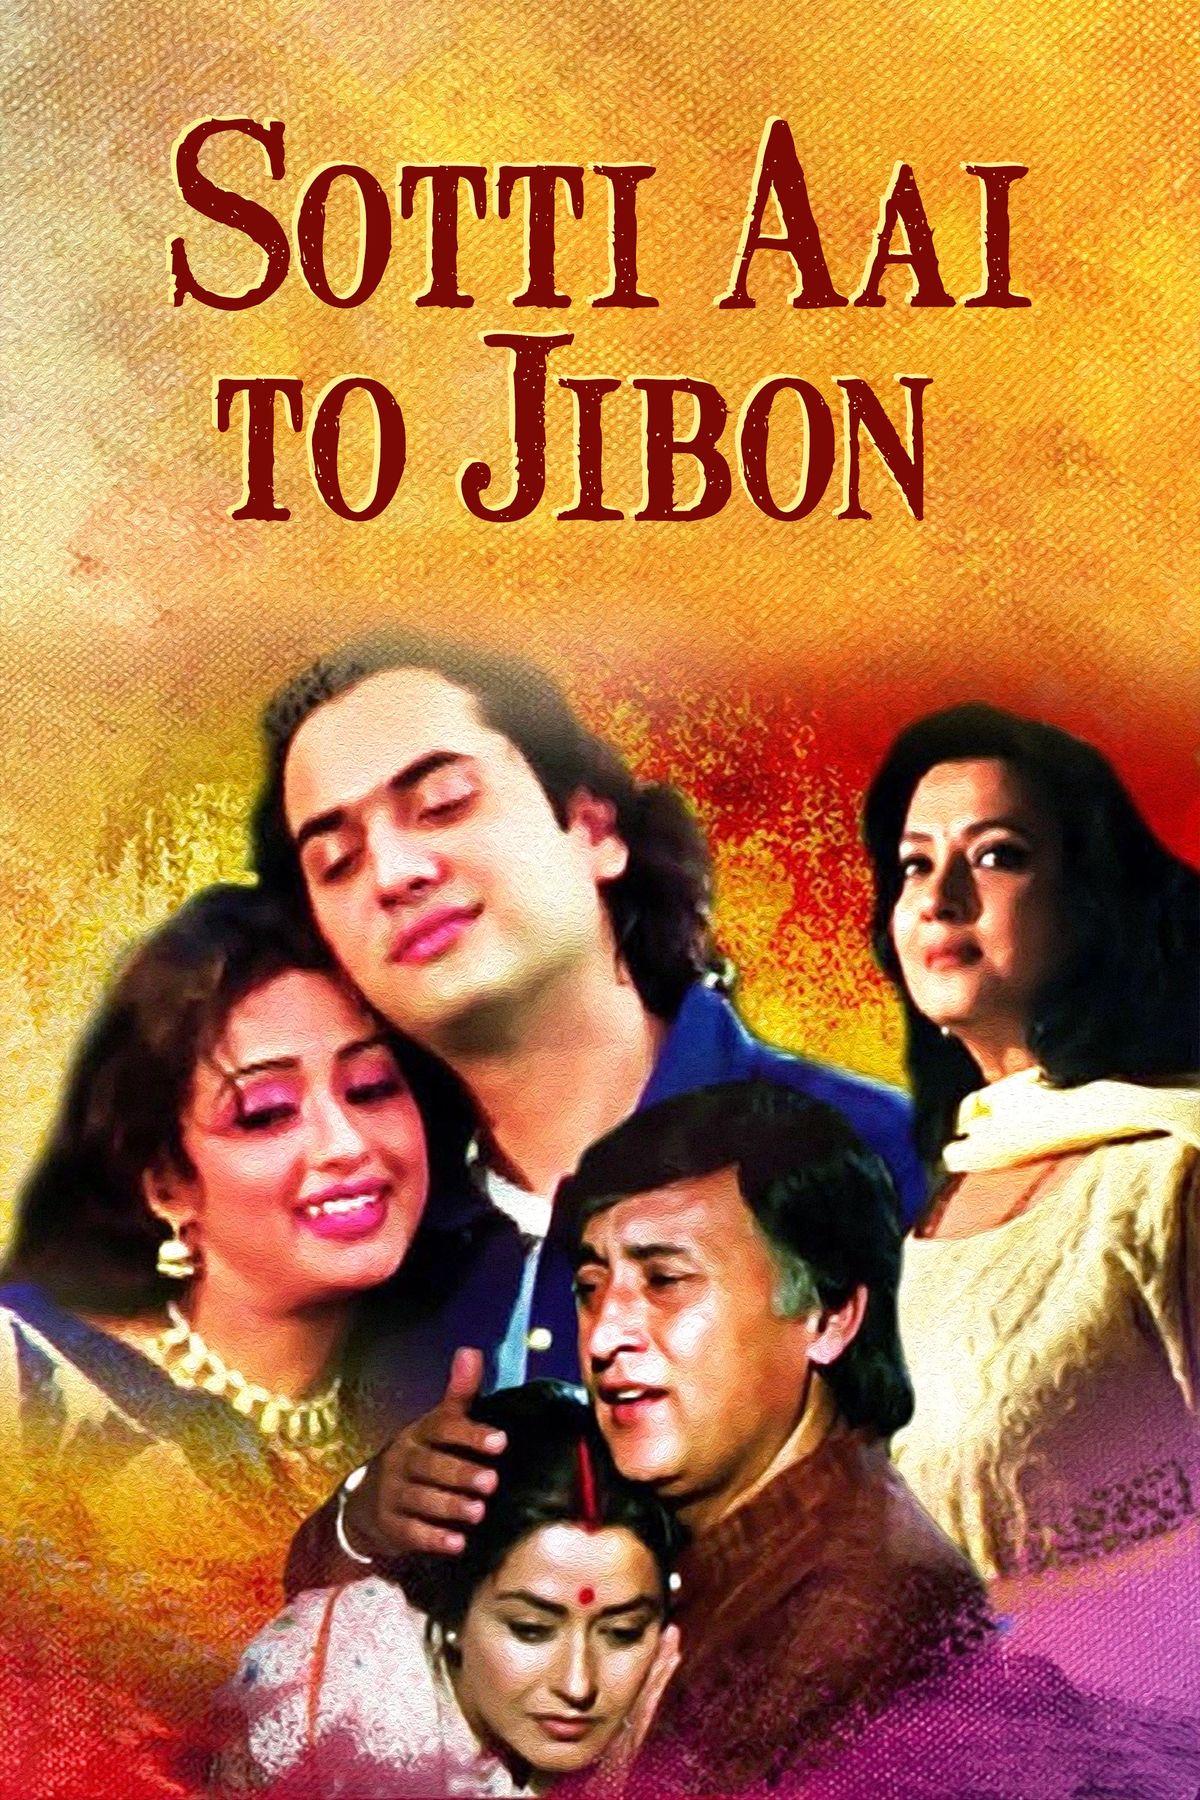 Shotti Aai To Jibon